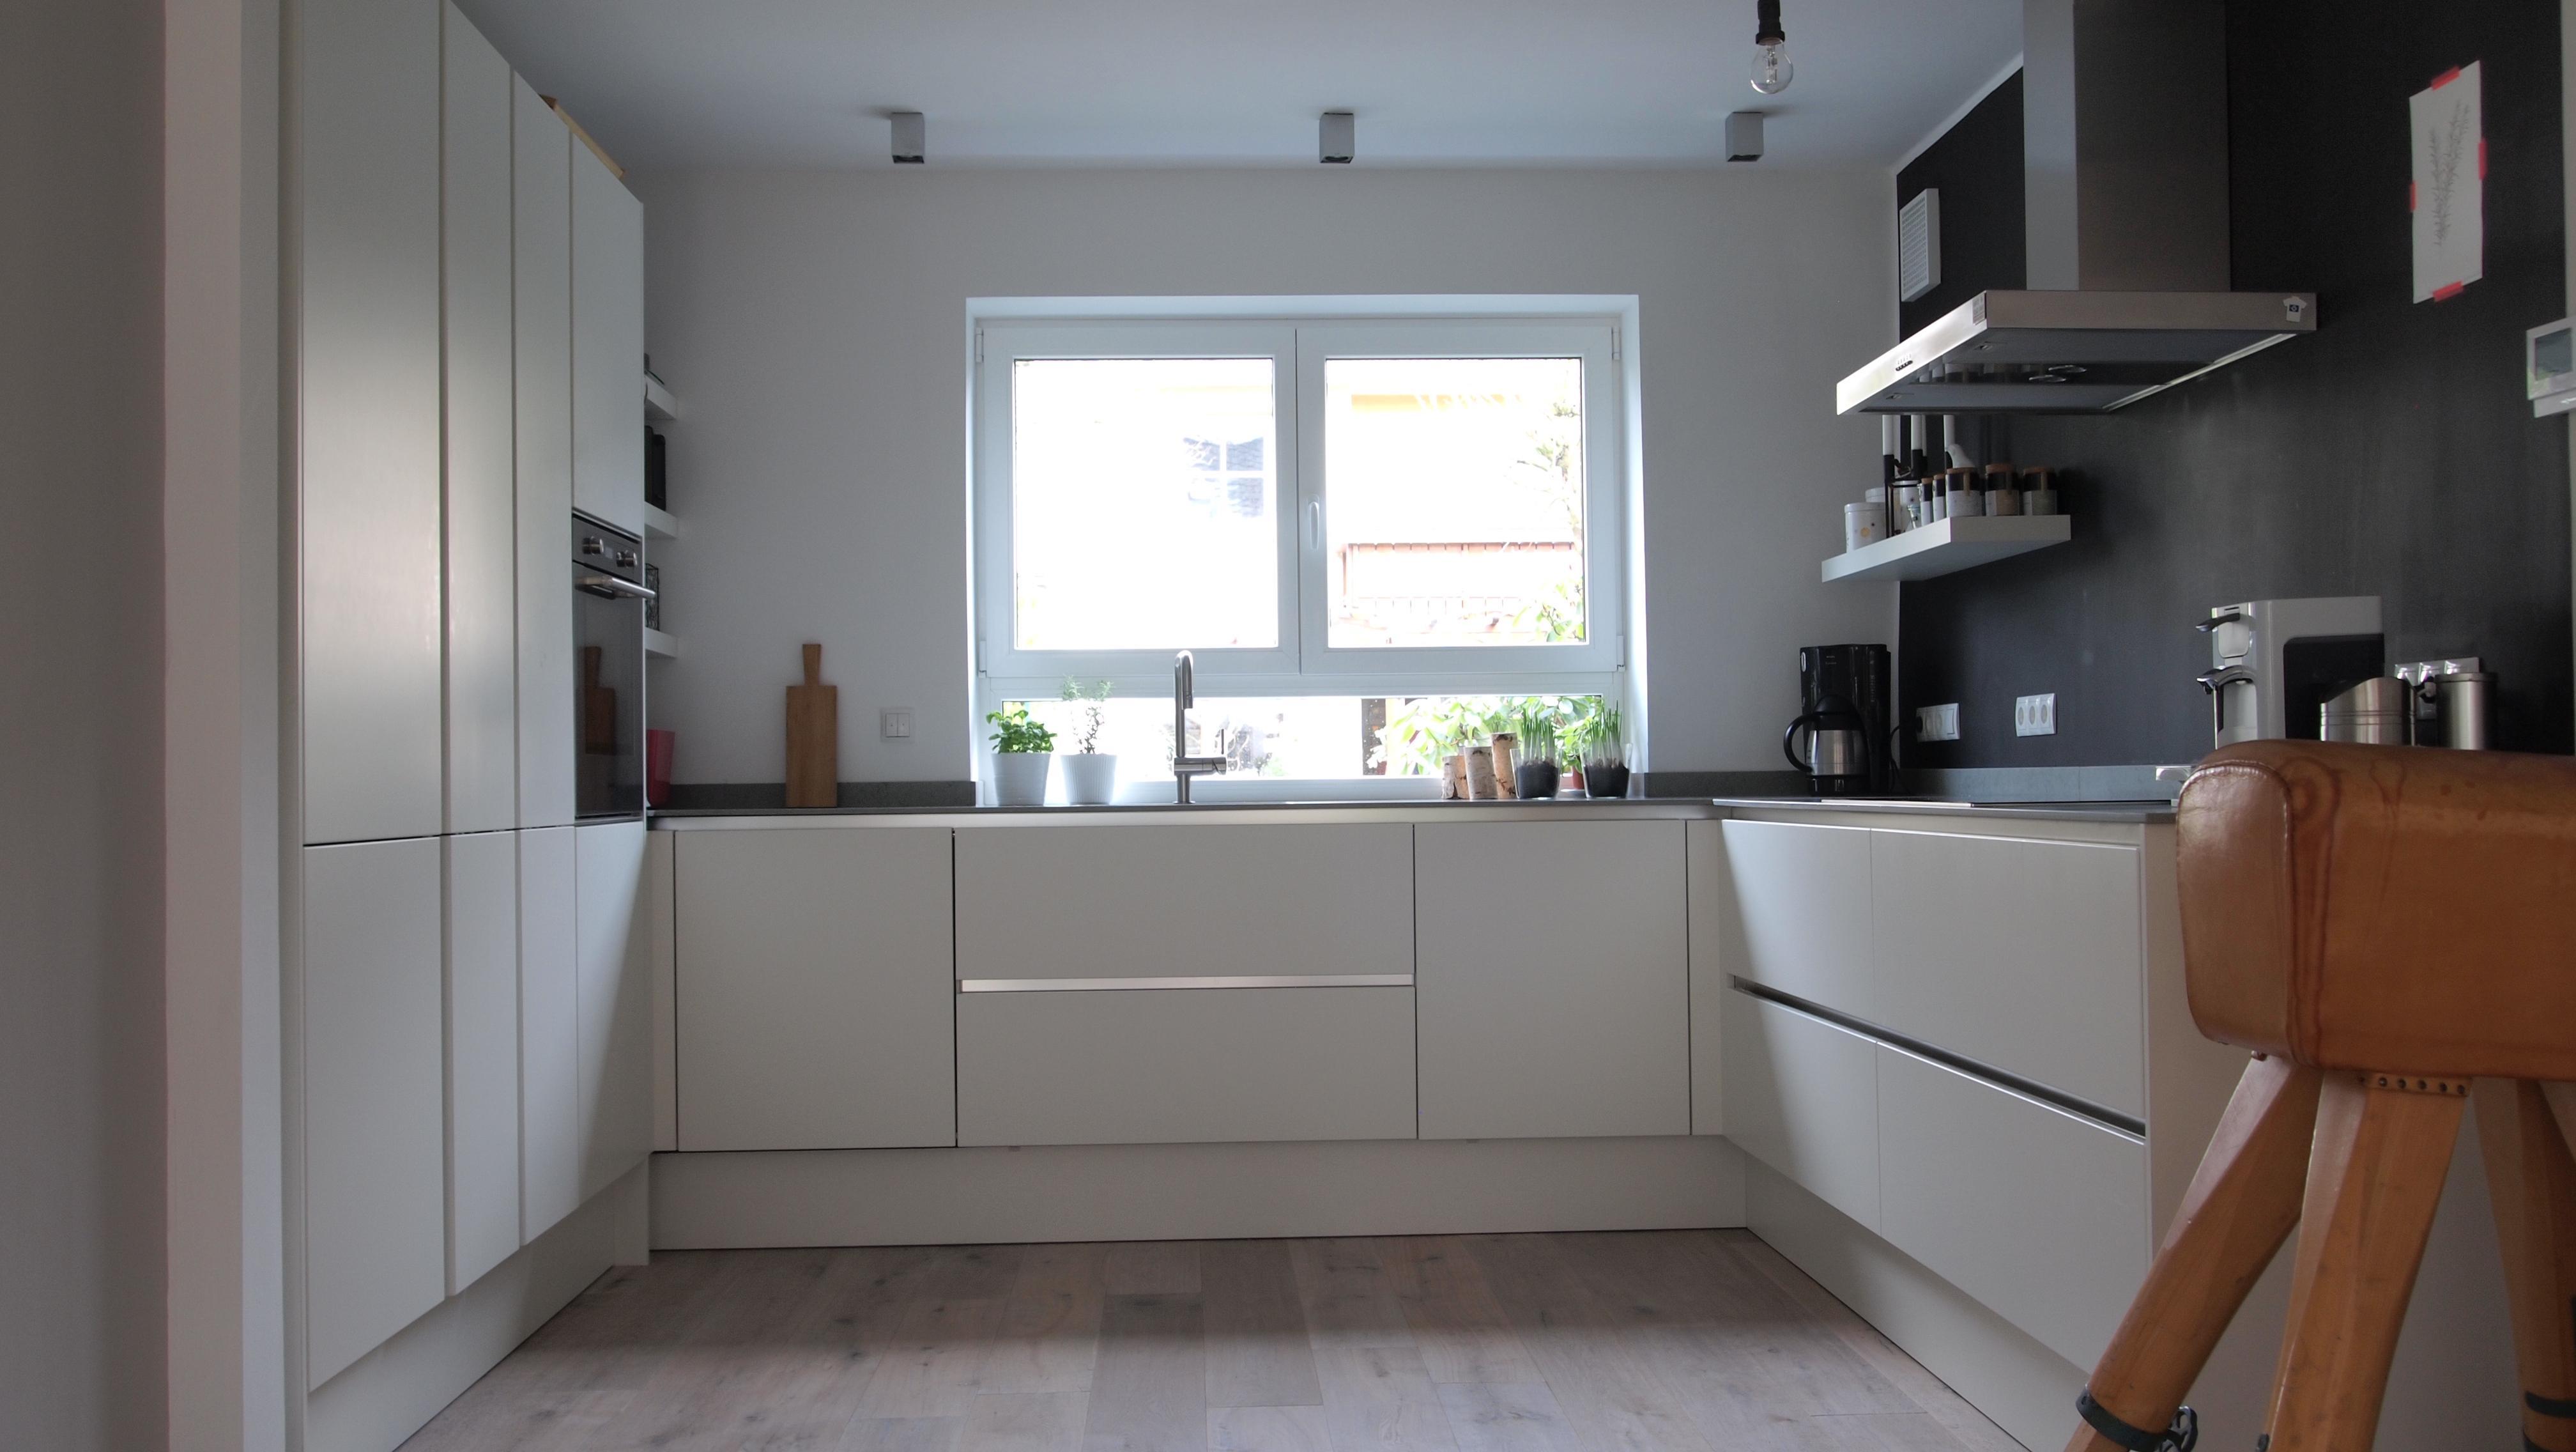 Outdoor Küche Reihenhaus : Tafelwand u2022 bilder & ideen u2022 couch